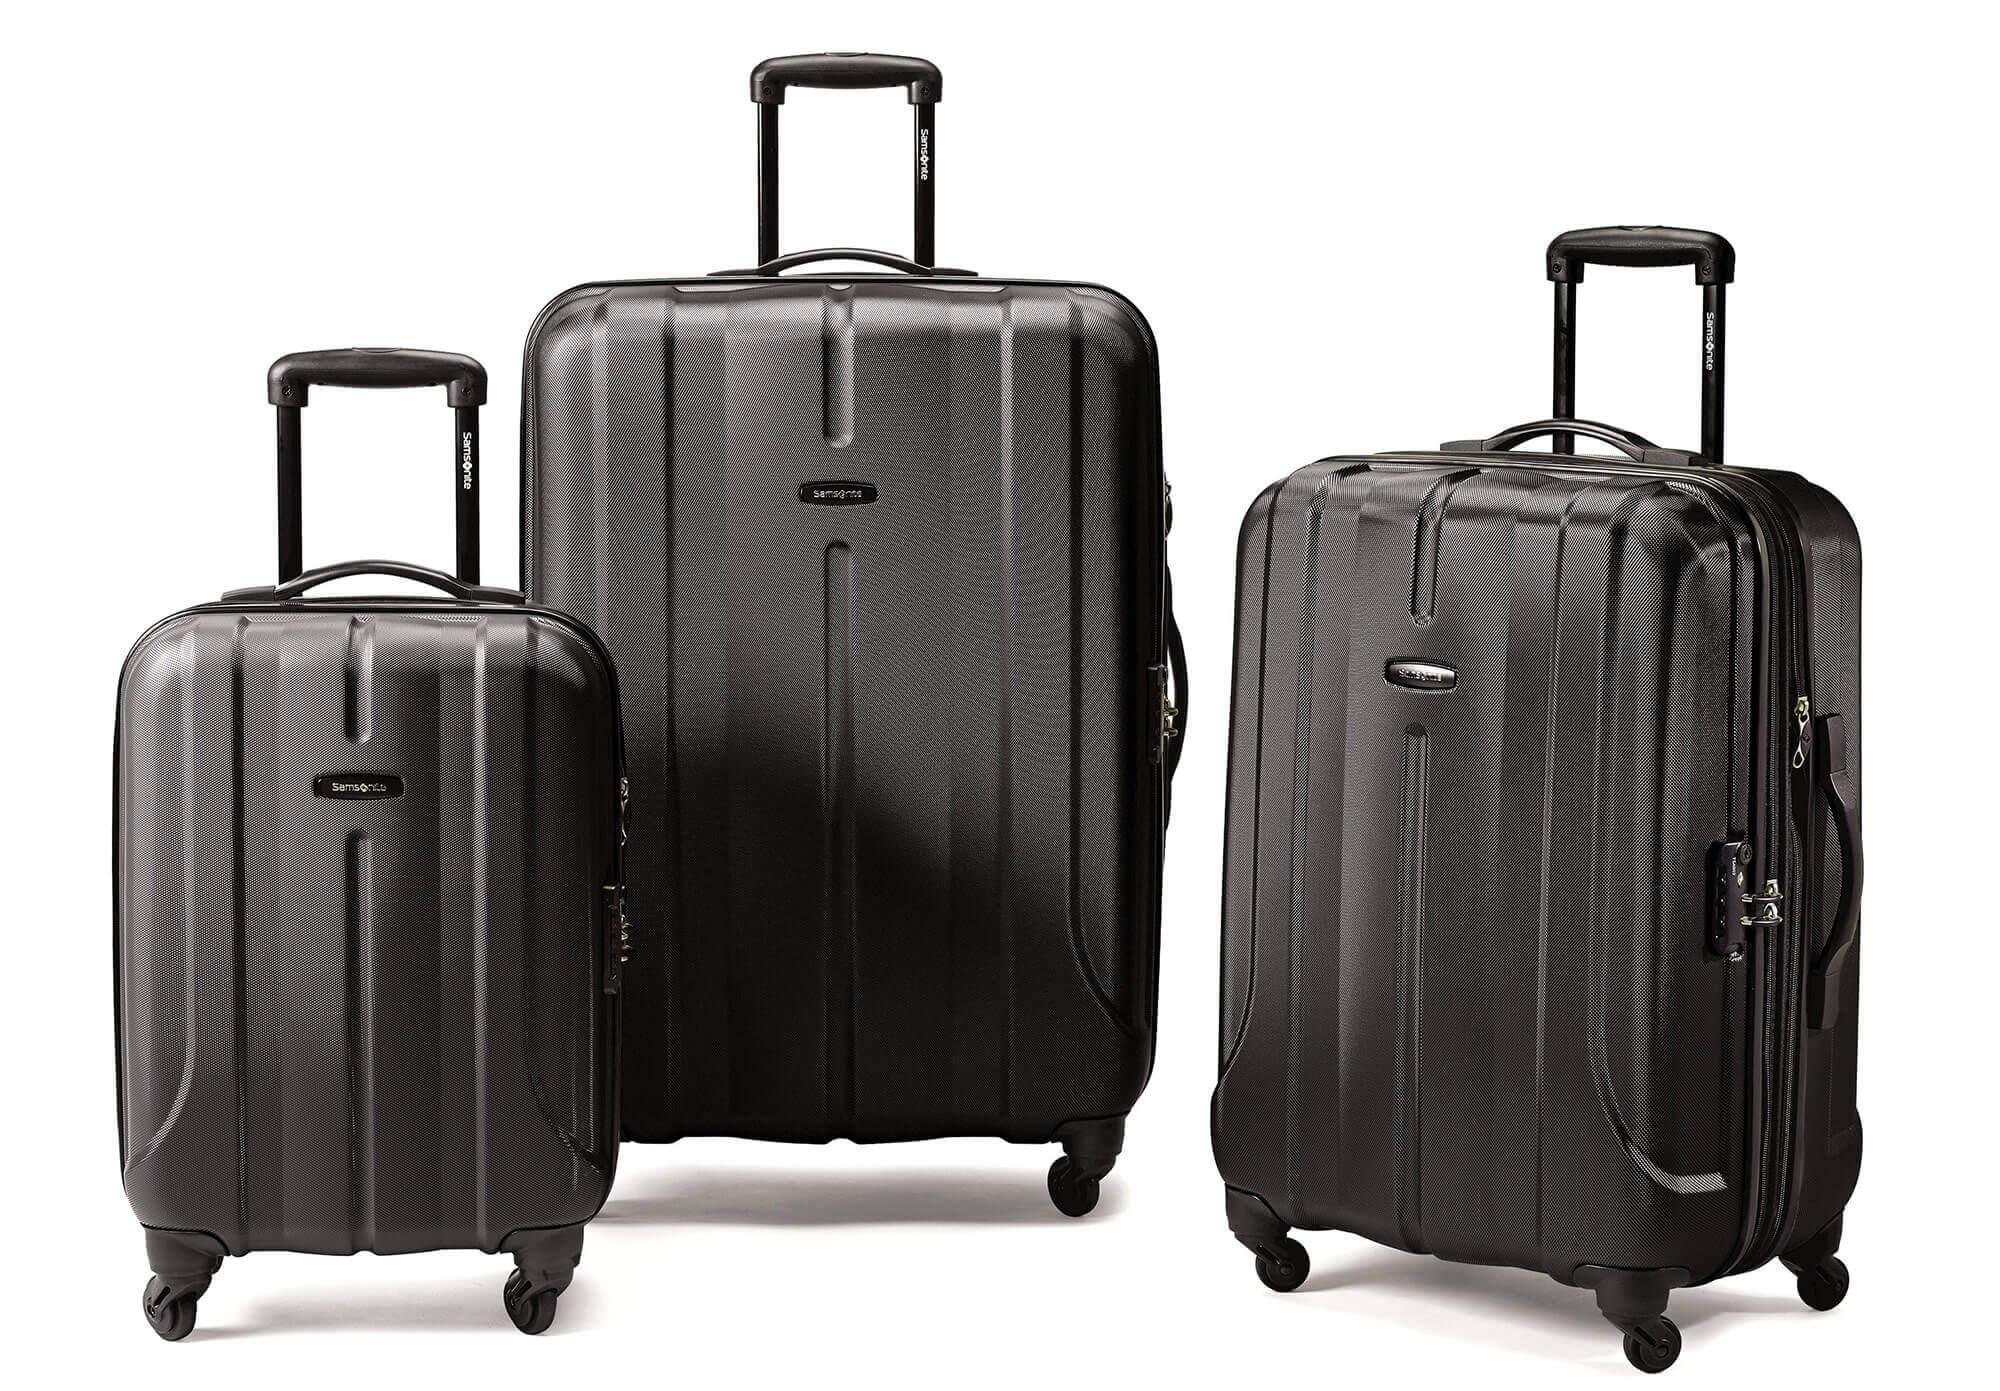 Comment bien choisir sa valise pour partir en vacances